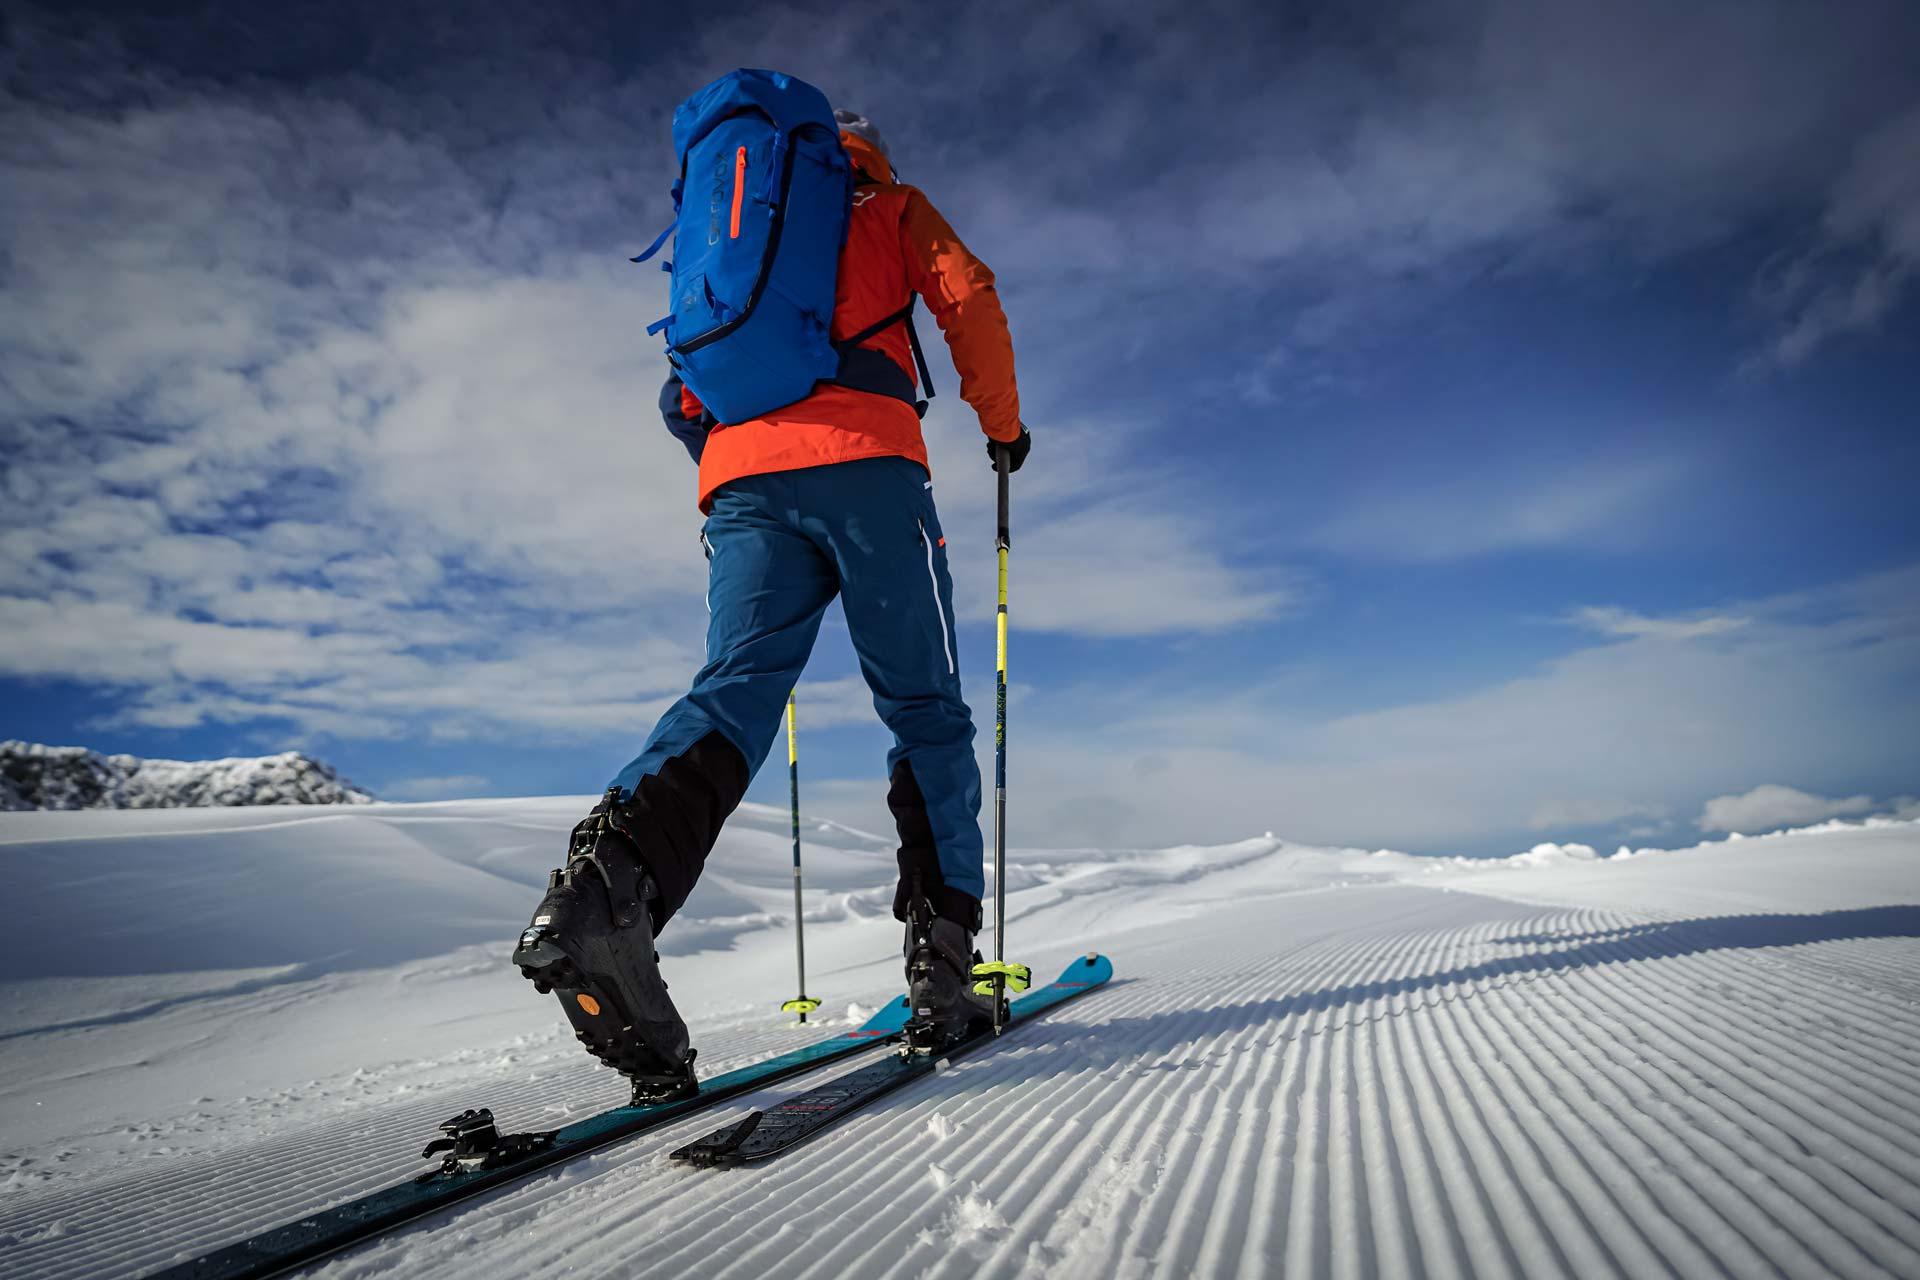 Skitouren Gear Guide - das gehört zu einer kompletten Skitourenausrüstung